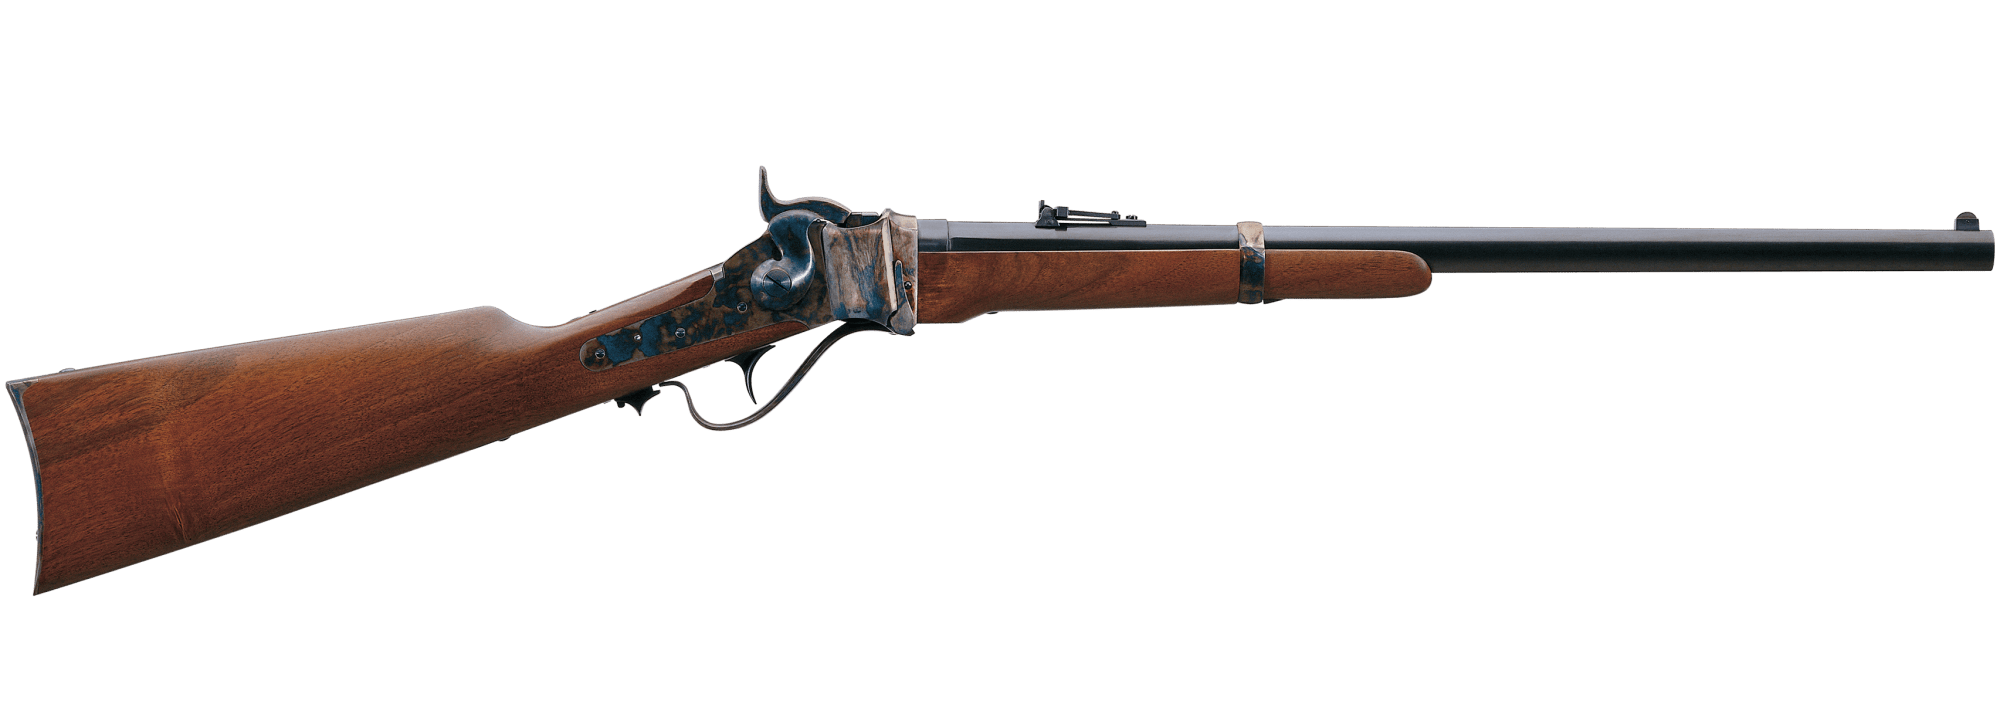 Carabina Sharp de caballería